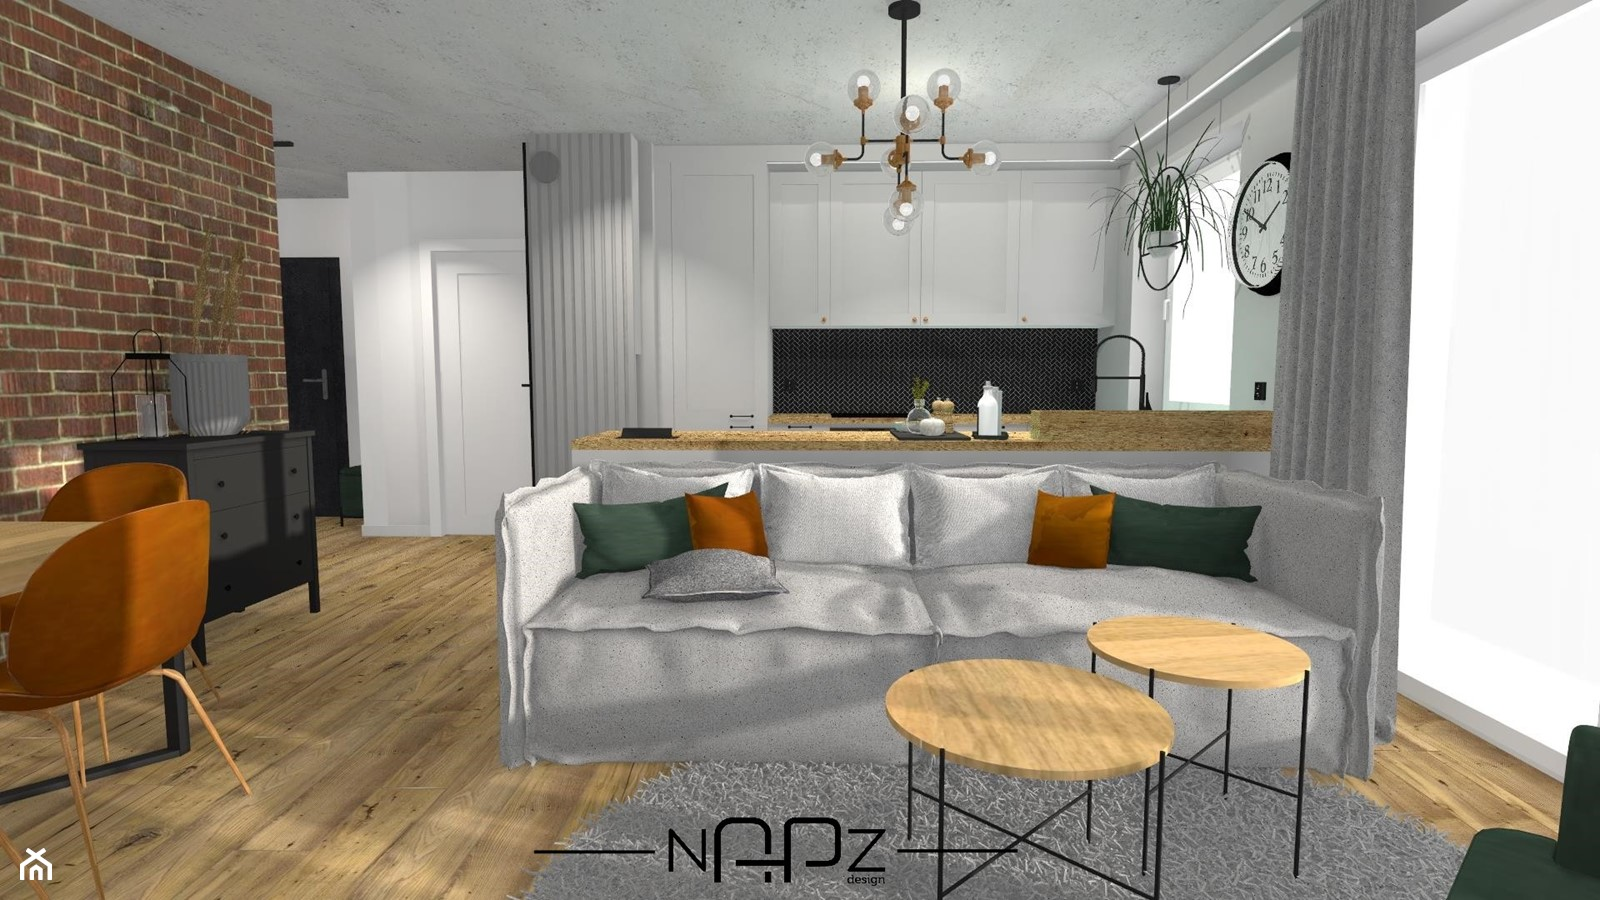 Kuchnia z salonem w klimacie industrialnym - Kuchnia, styl industrialny - zdjęcie od Niebanalne Aranżacje Przestrzeni Zamkniętych - Homebook